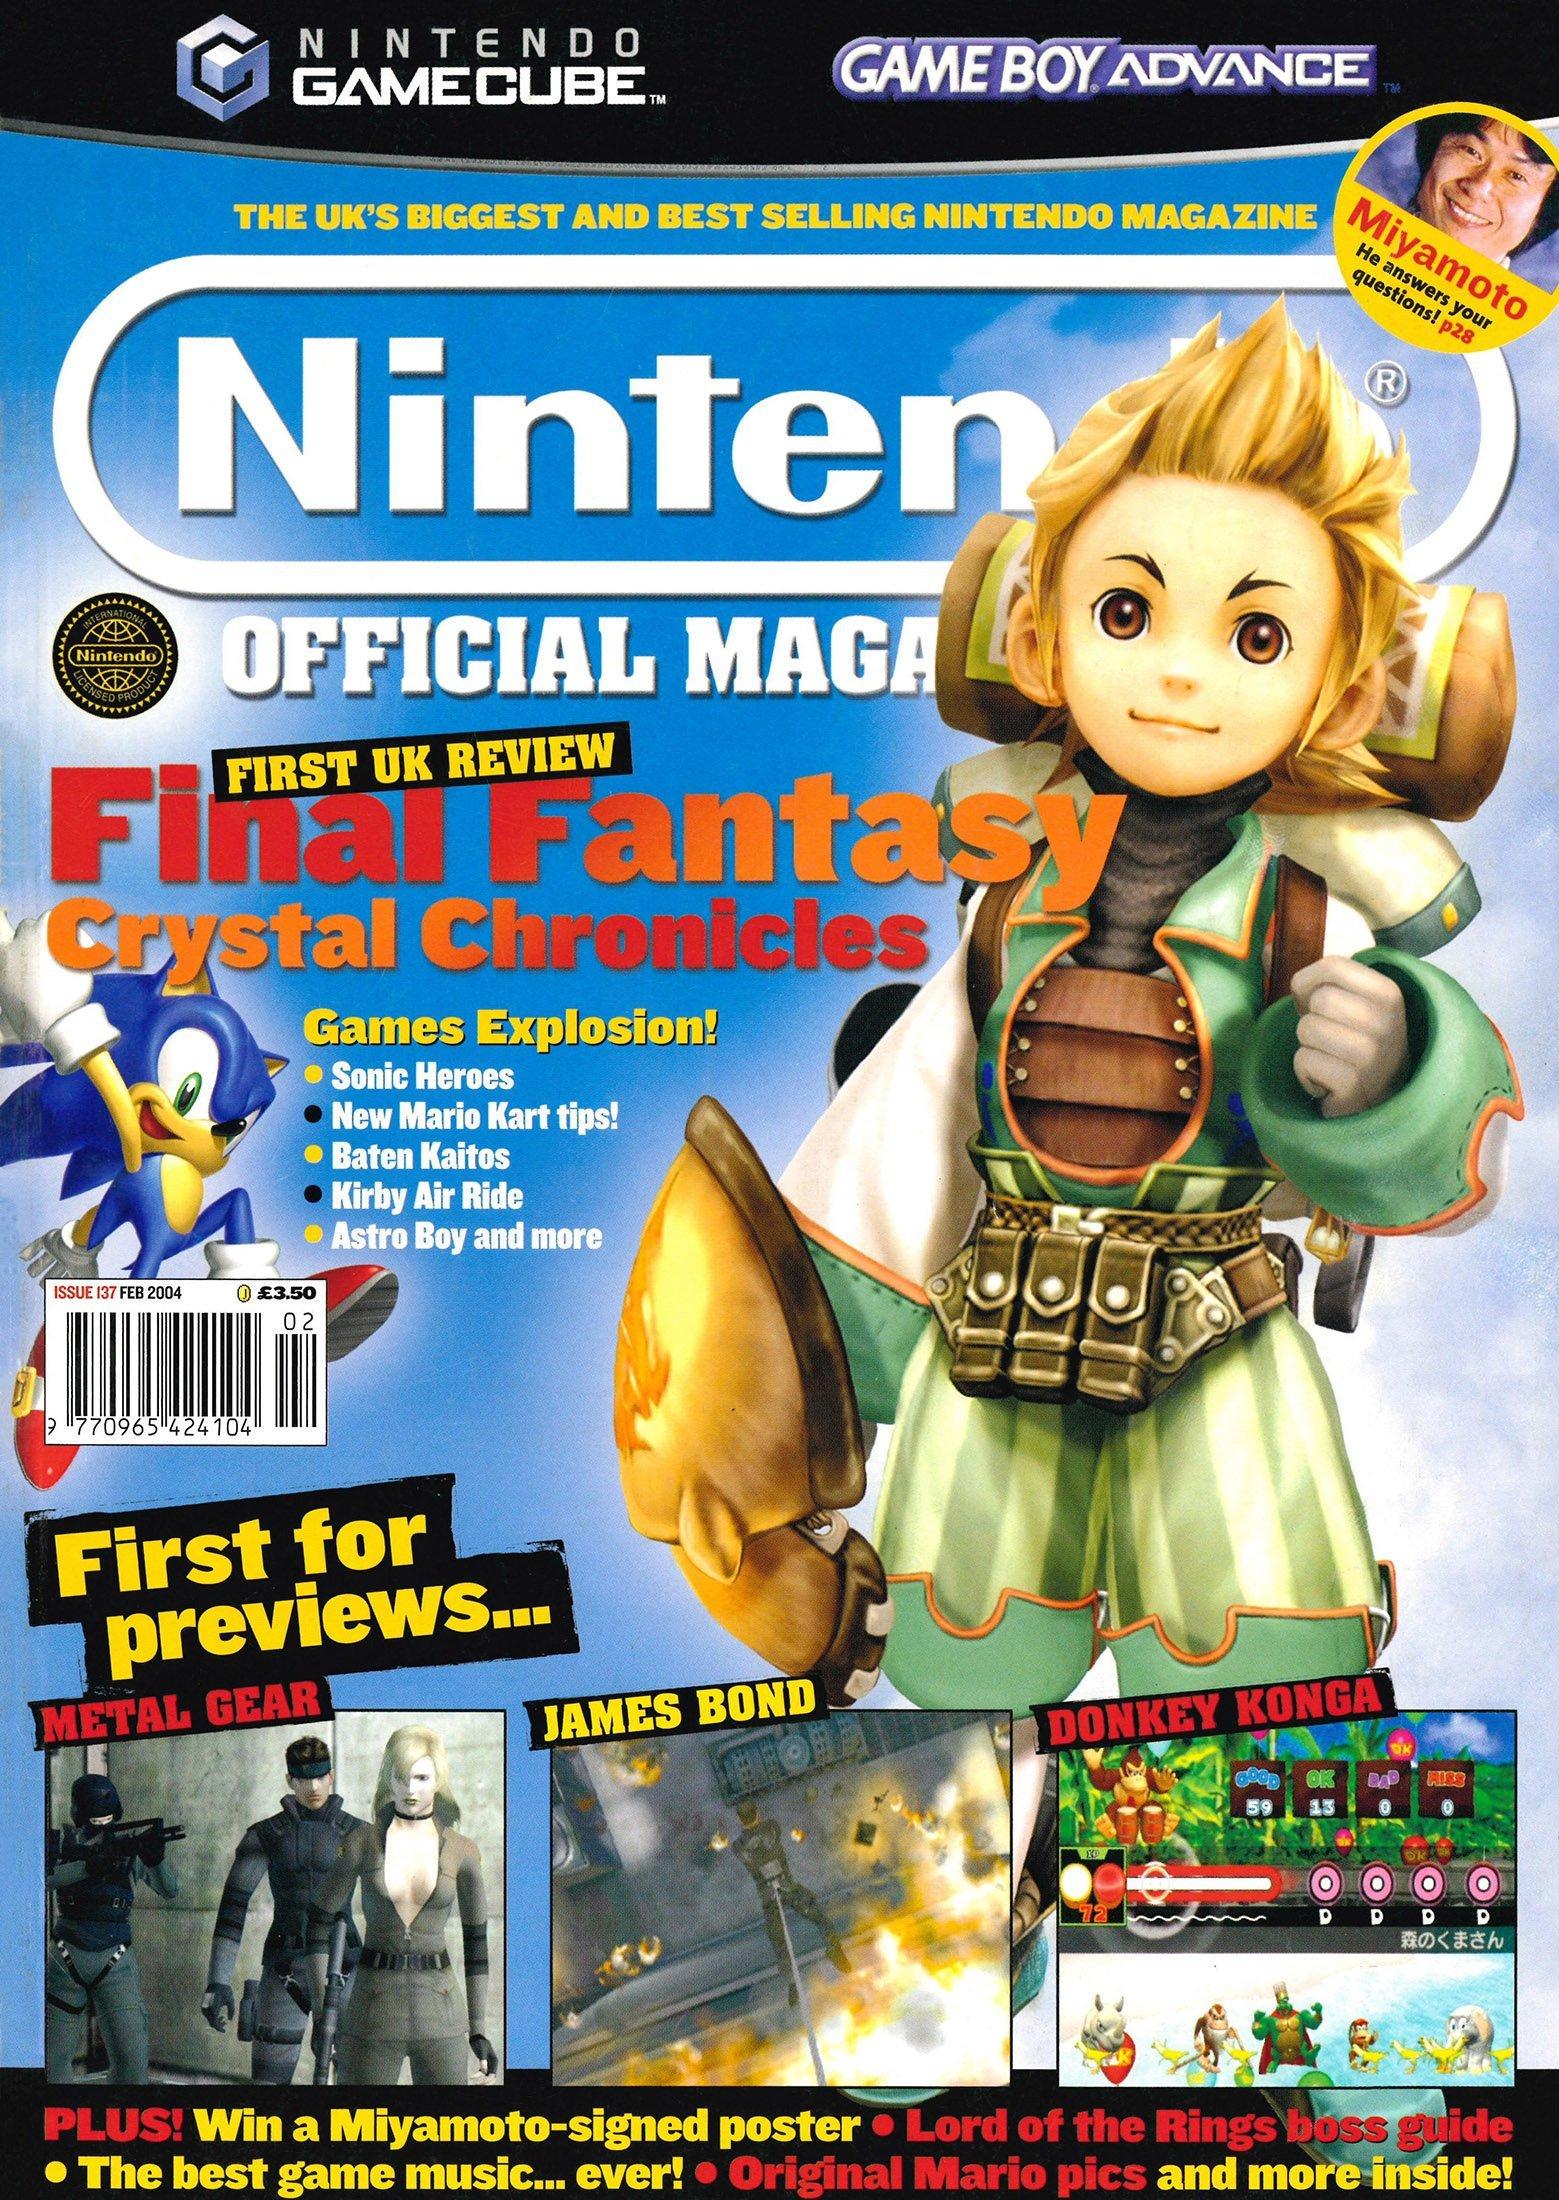 Nintendo Official Magazine 137 (February 2004)